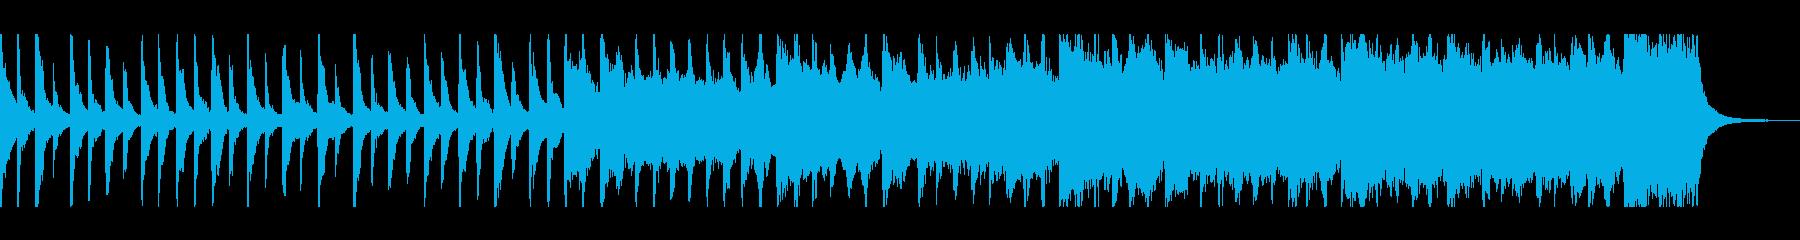 混沌/カオス/幻想:ピアノ・ストリングスの再生済みの波形